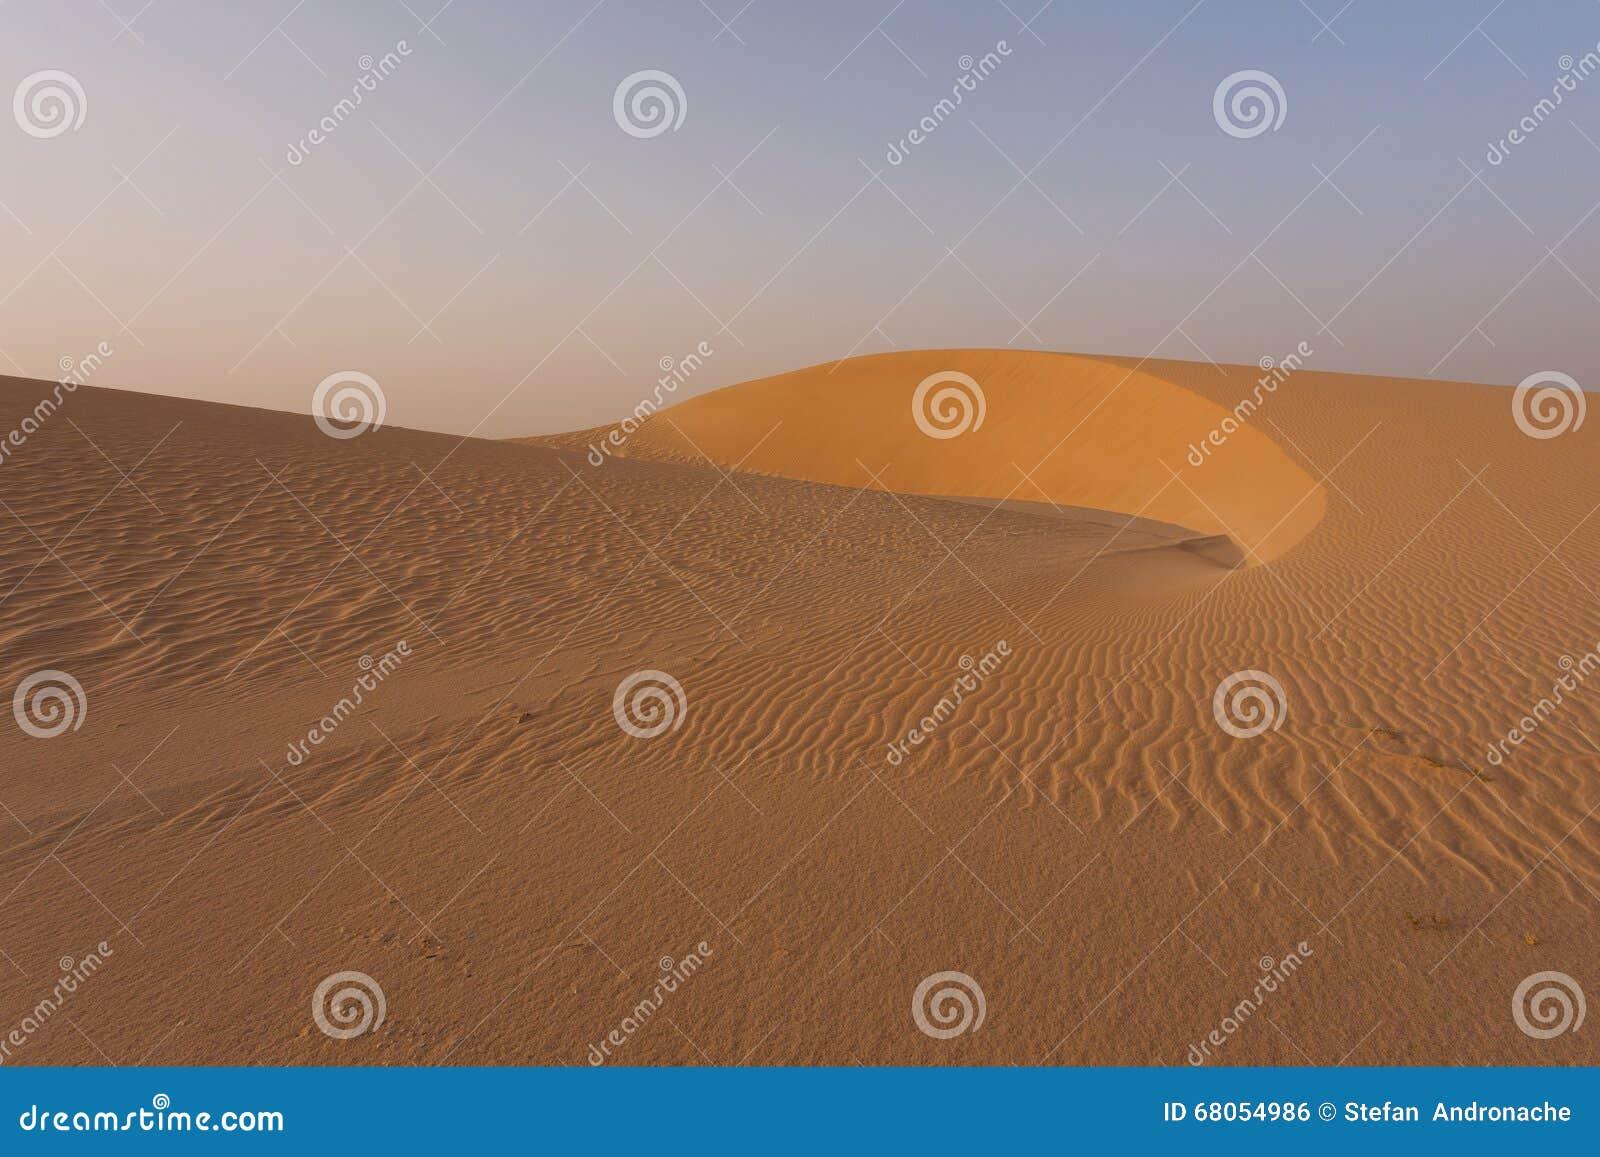 Desierto de Sáhara